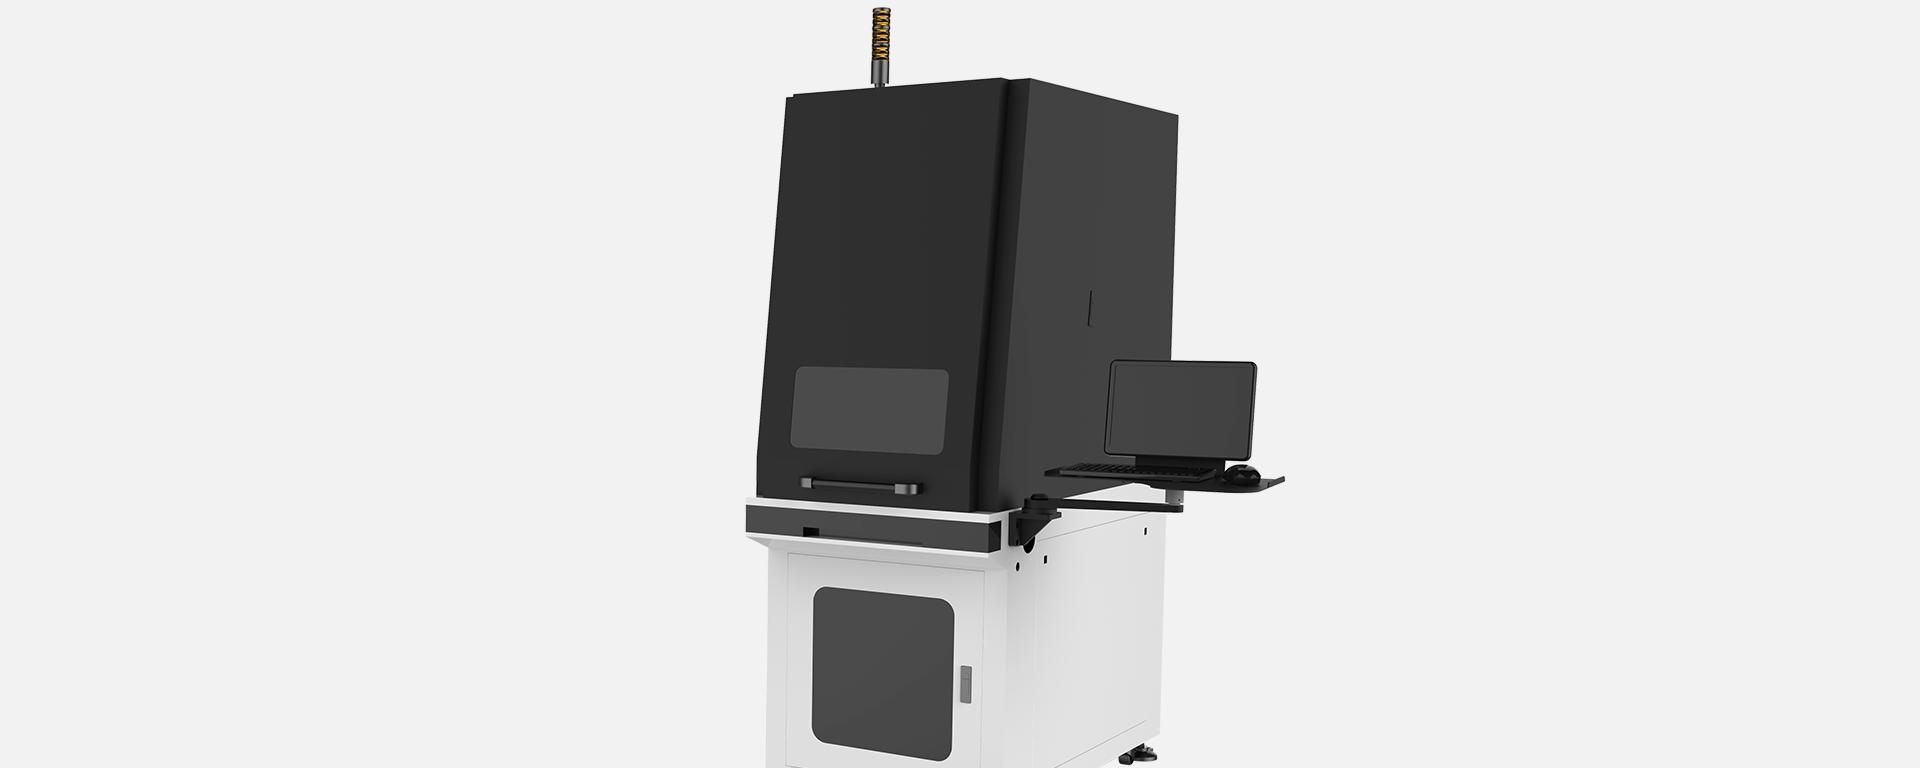 紫外激光打标机图片